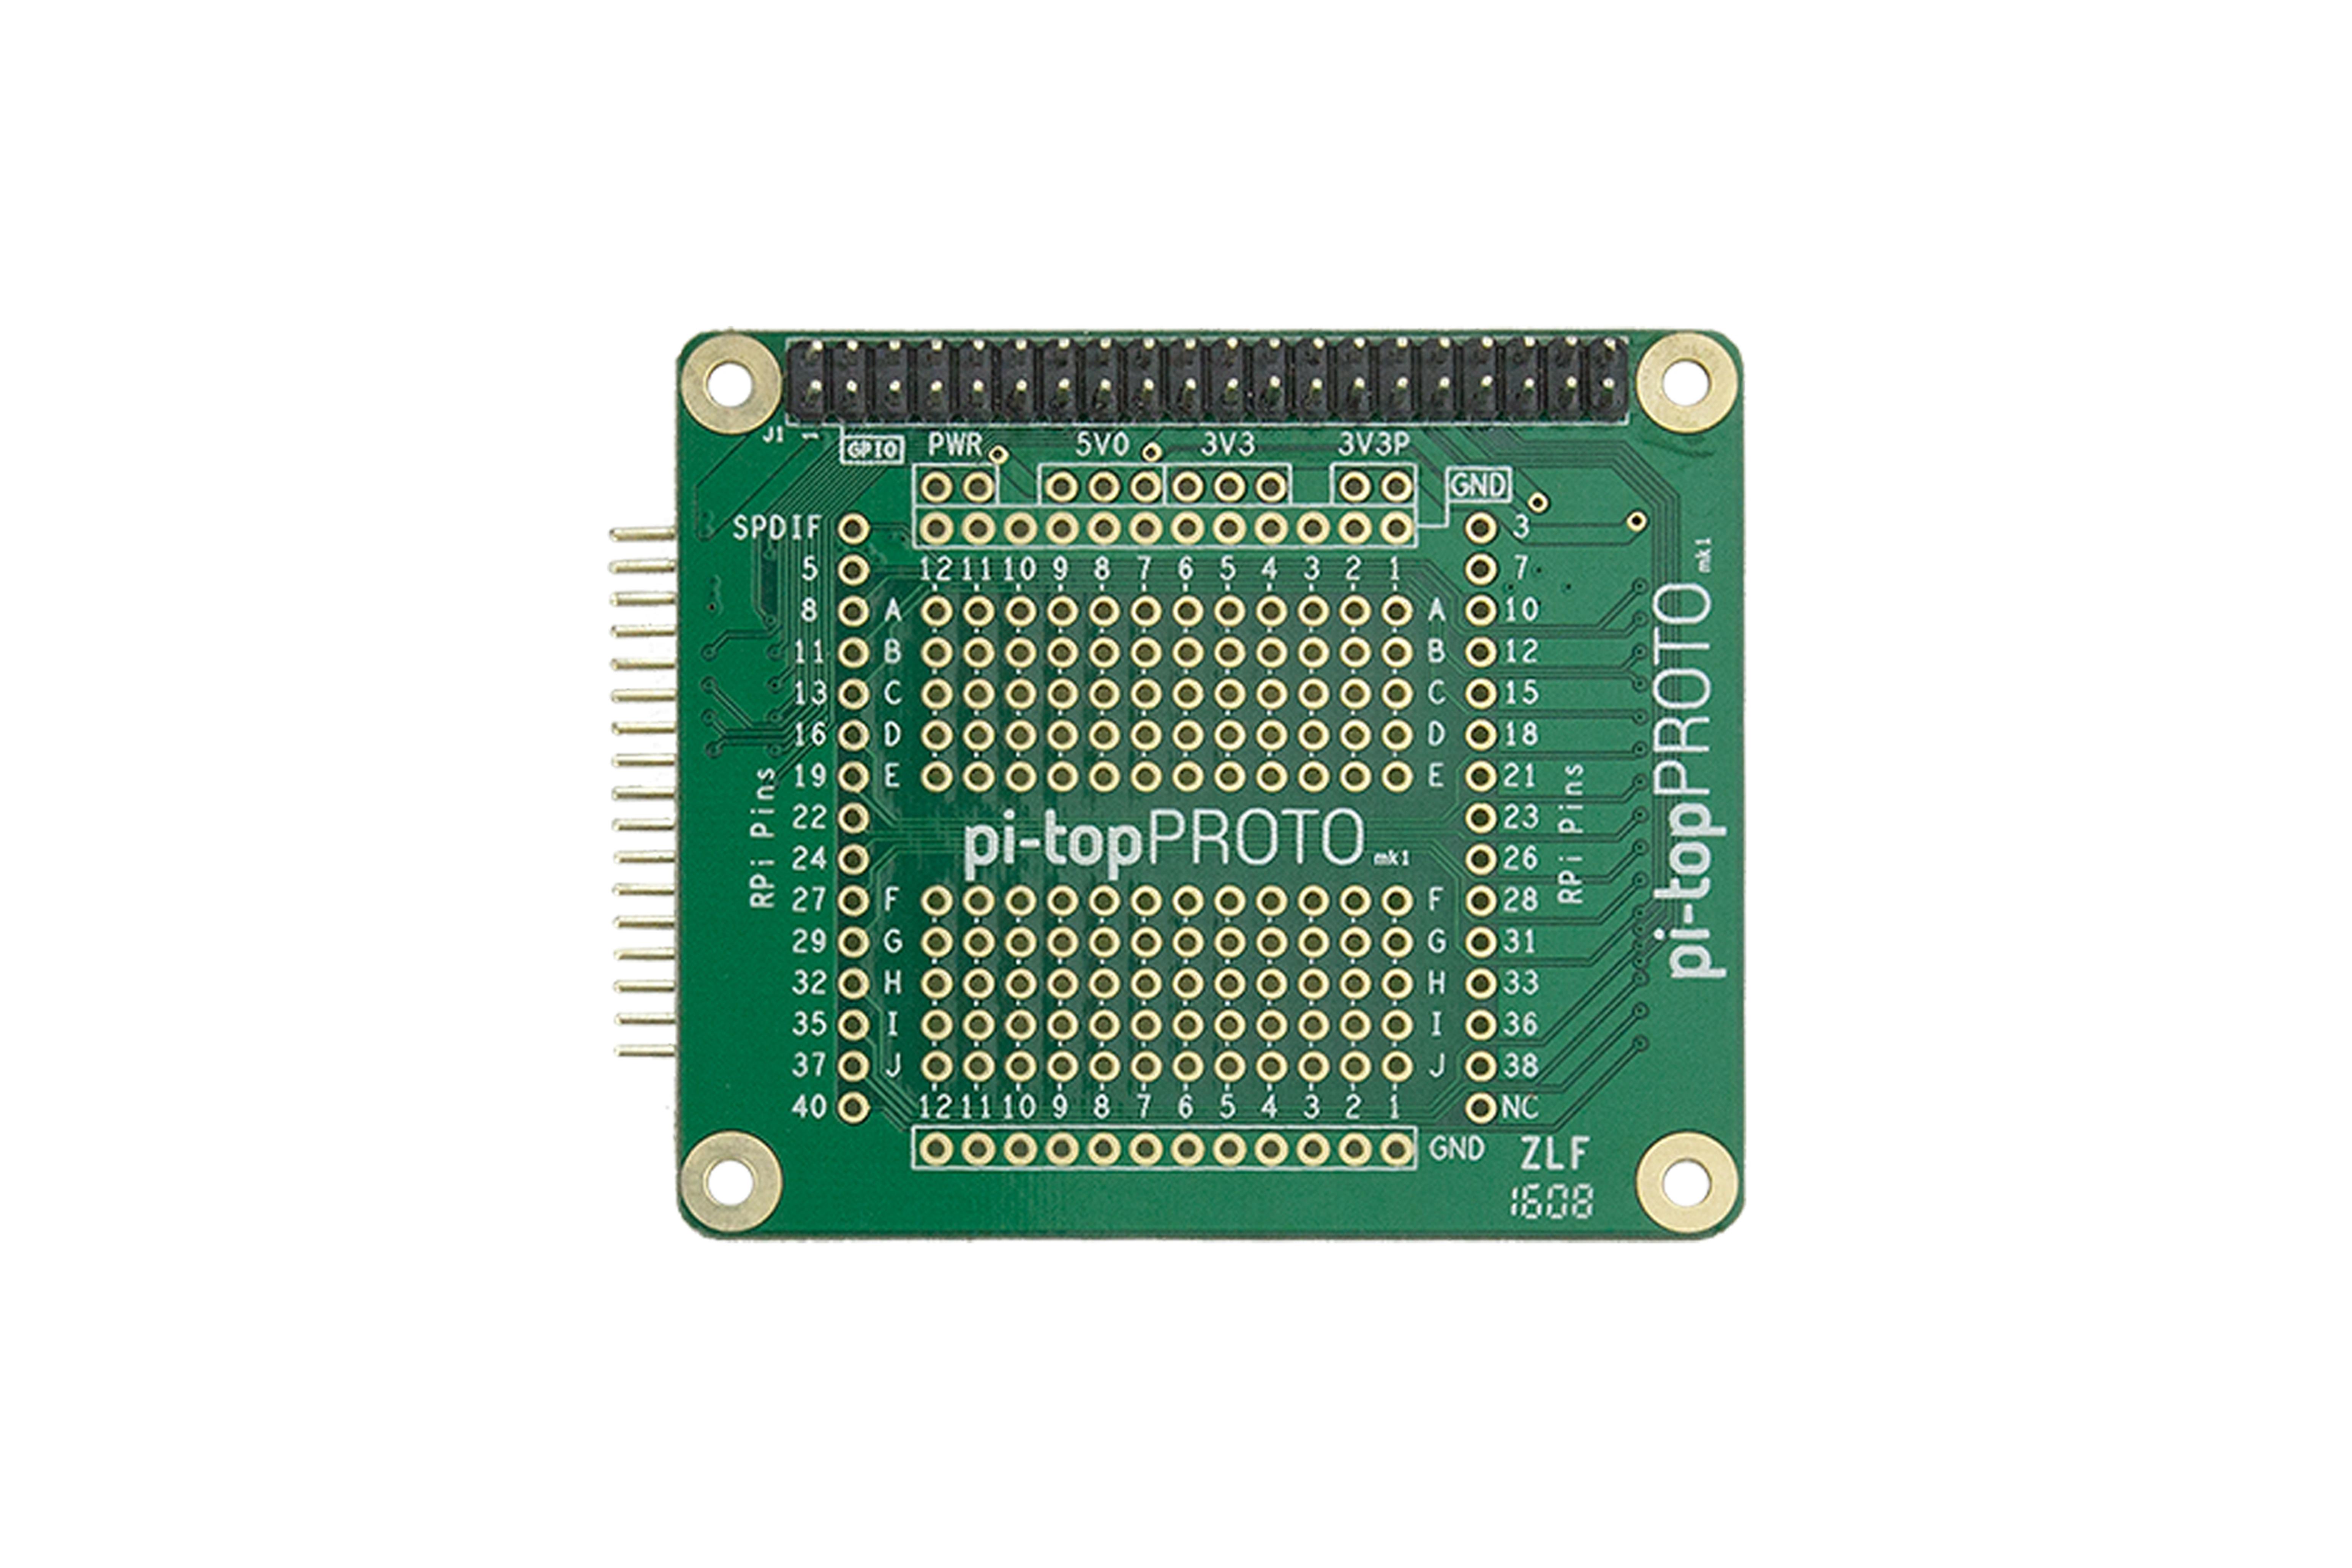 Prototypeontwikkelingskaart voor Pi-Top